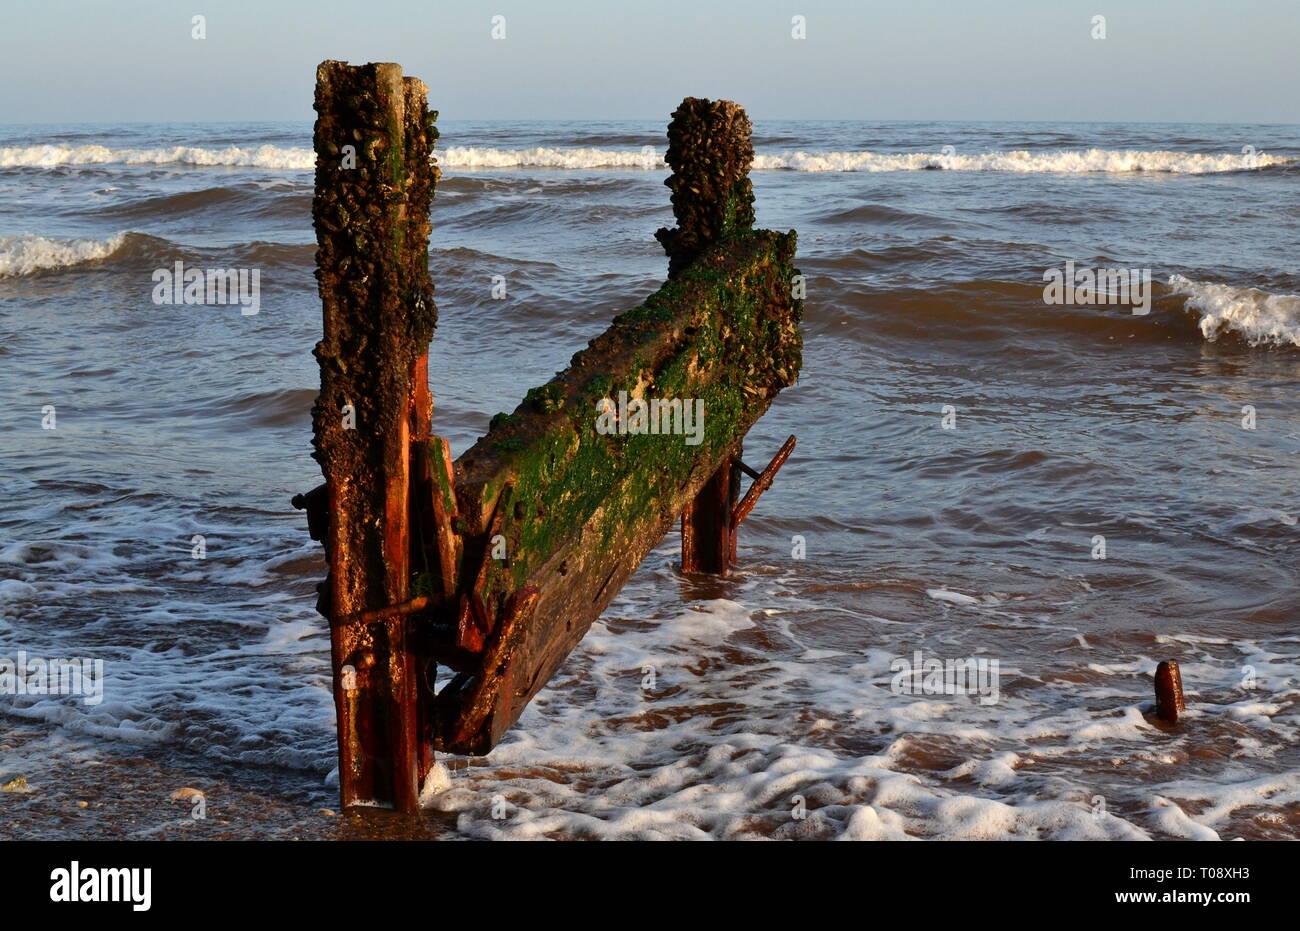 Groyne, Dawlish UK - Stock Image